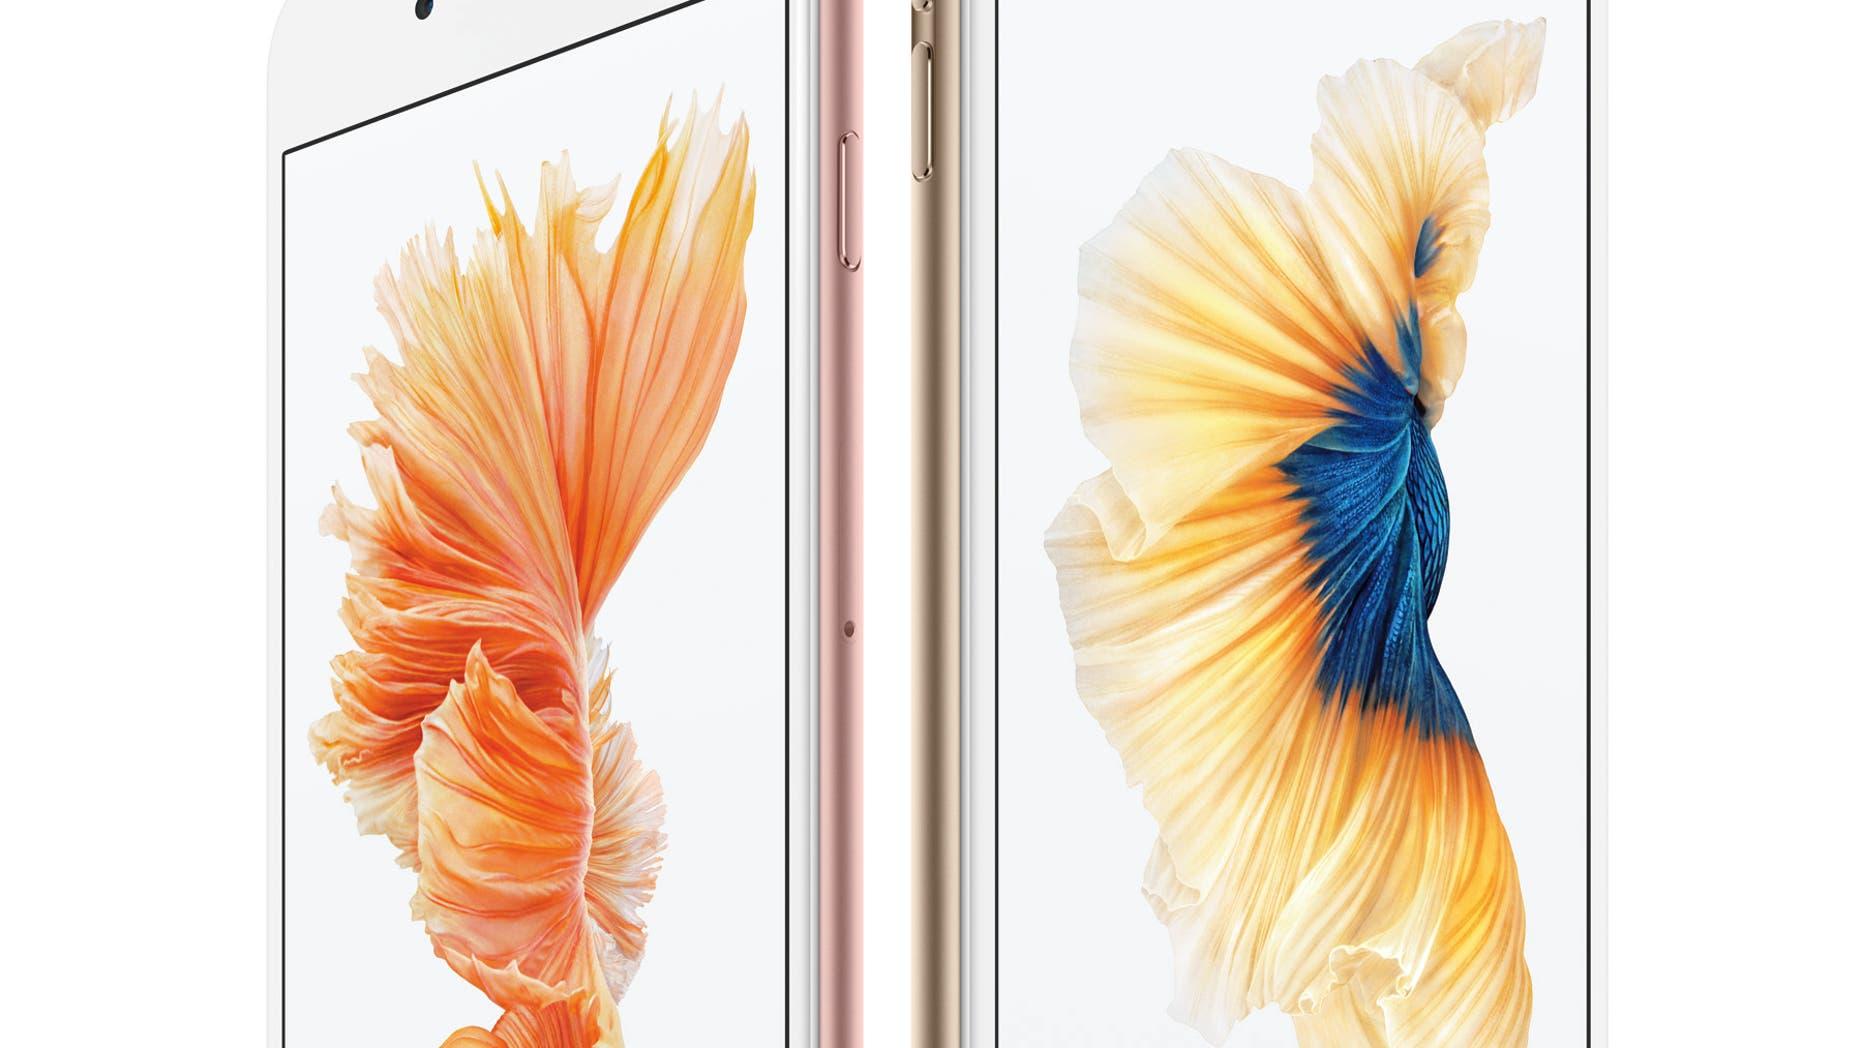 iphone 6s. (Apple)